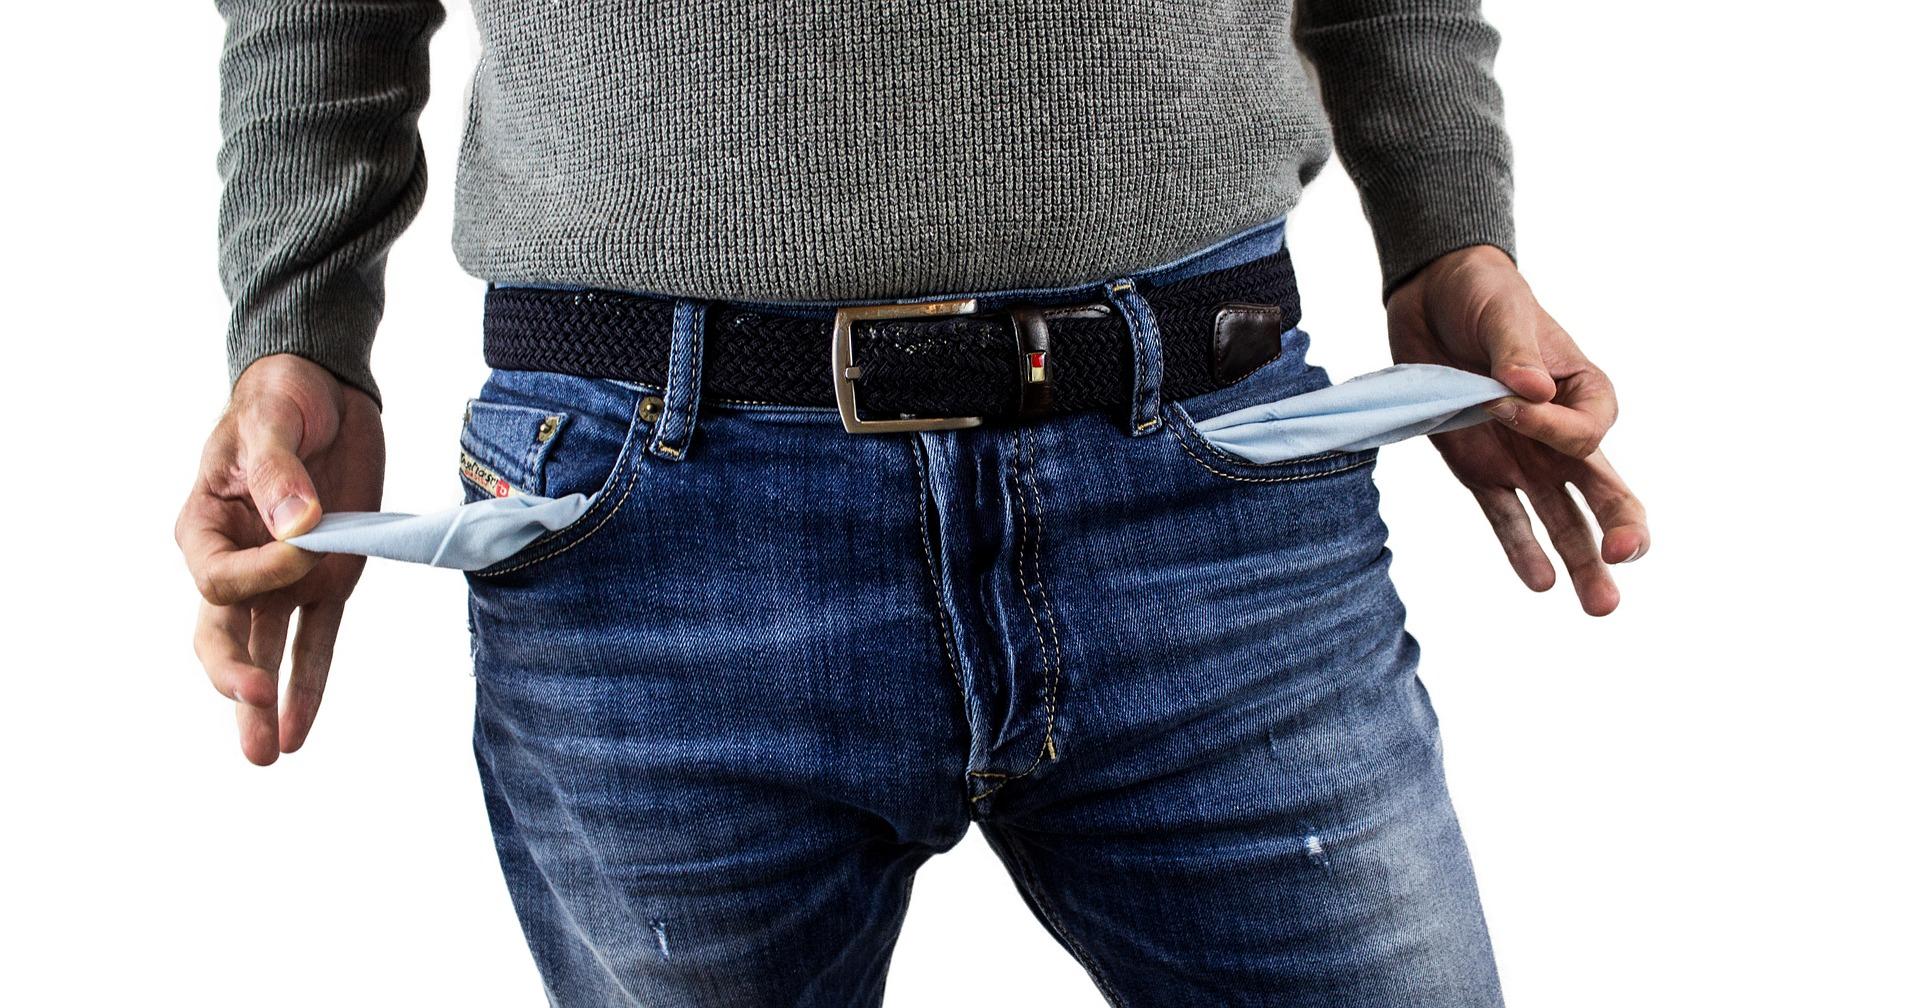 Co czeka pożyczkobiorcę, który nie spłacił pożyczkę w terminie